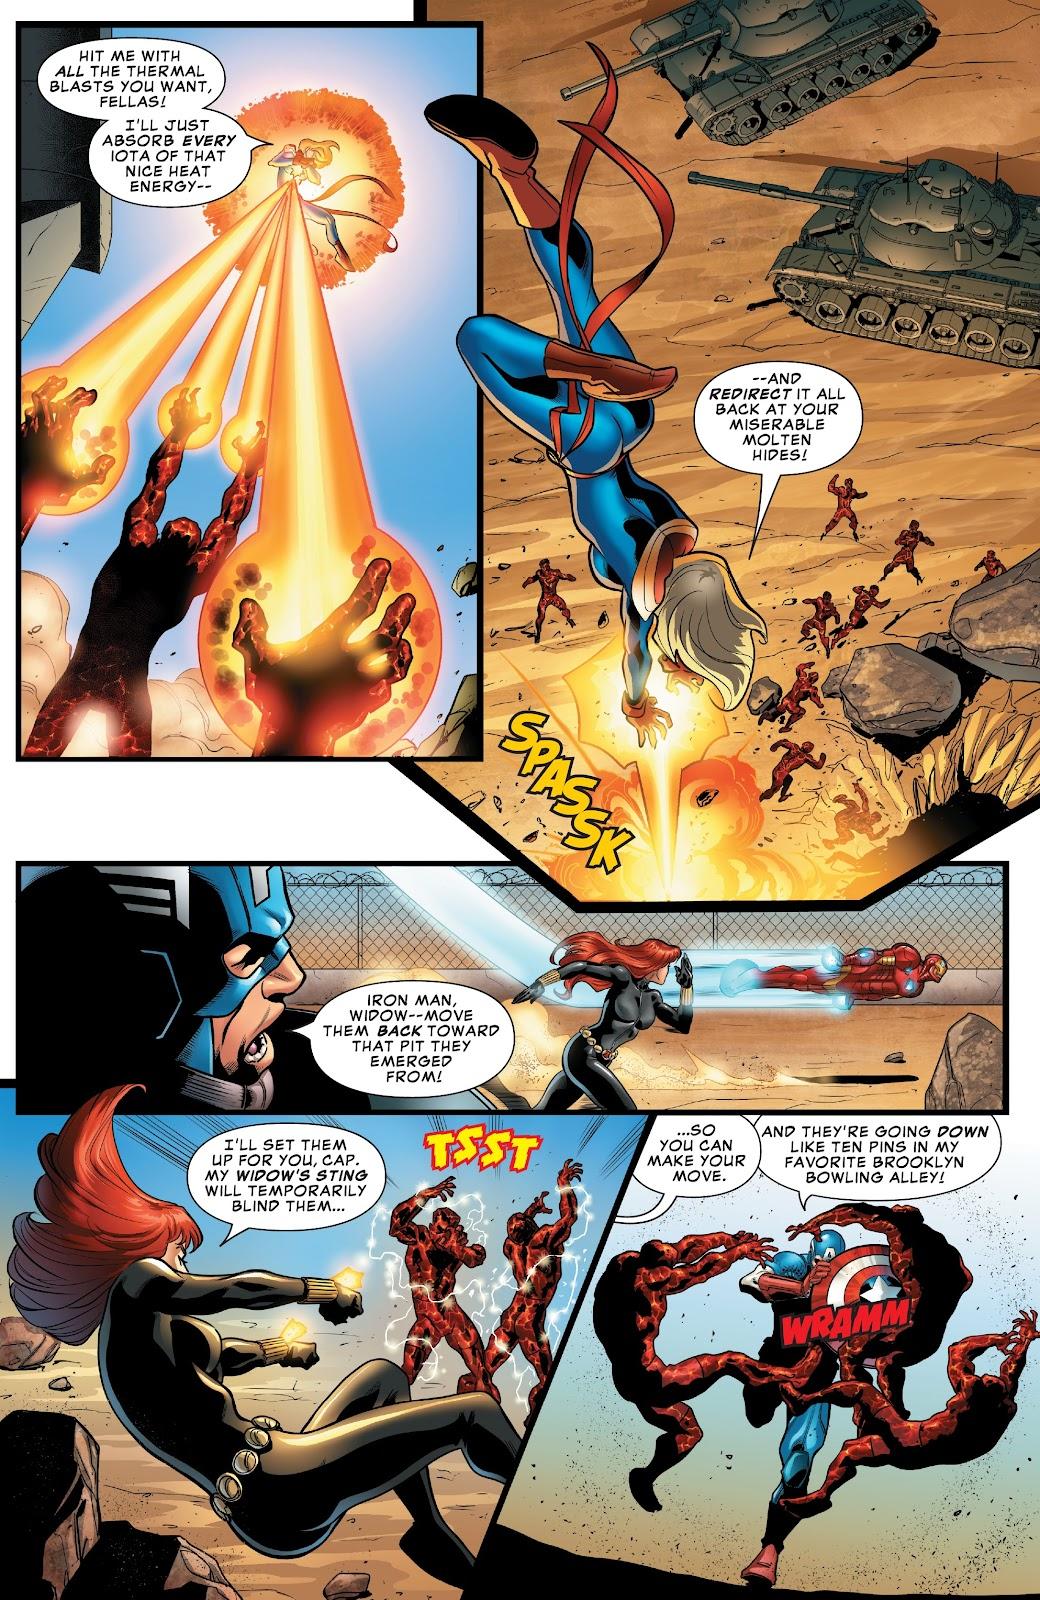 Read online Avengers: Edge of Infinity comic -  Issue # Full - 8